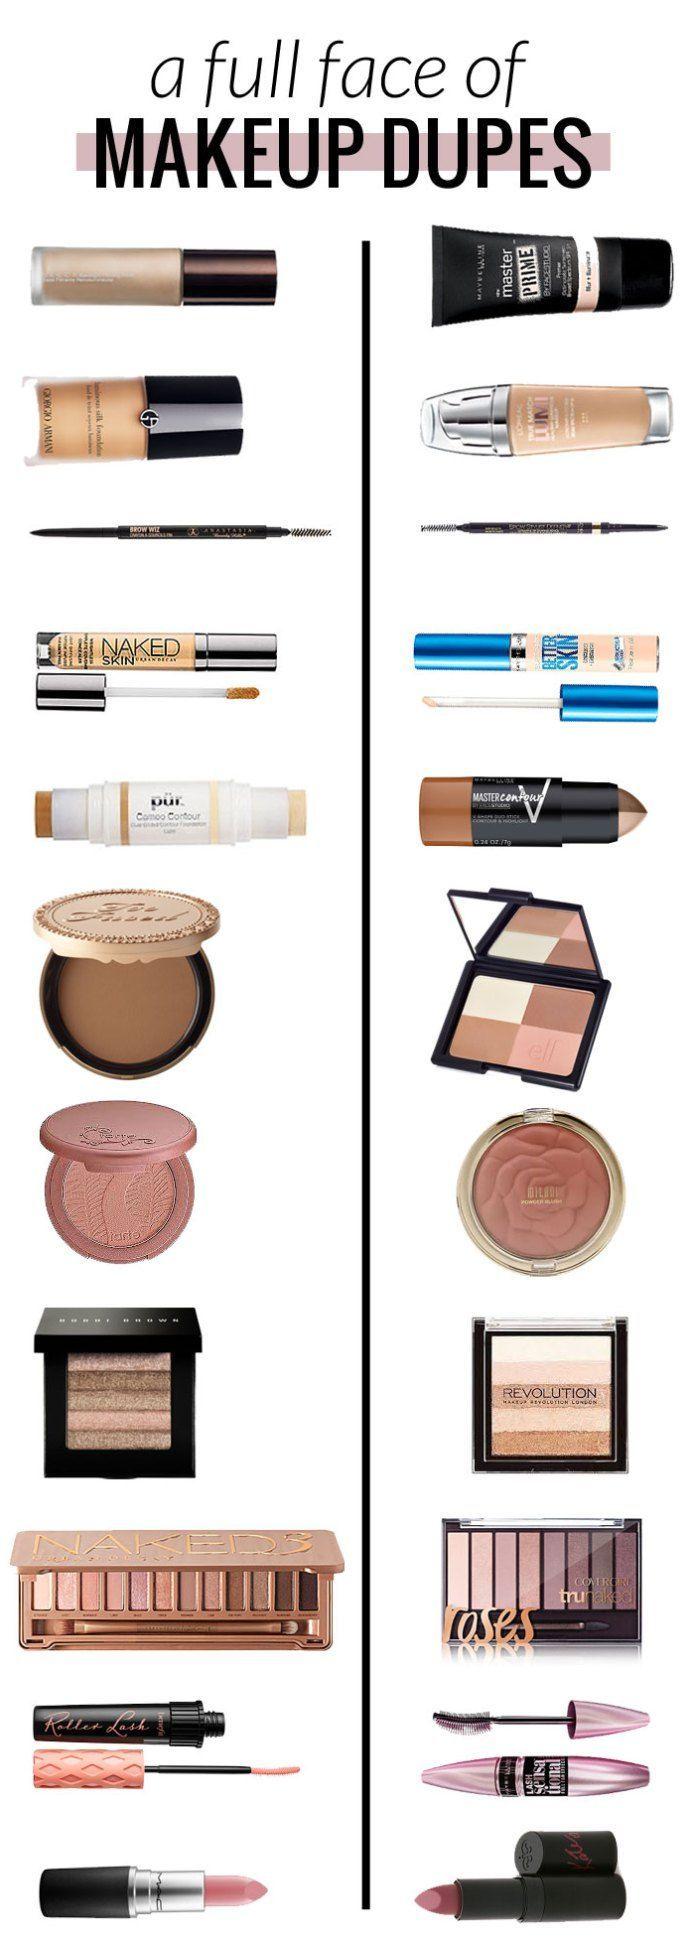 Makeup Dupes Makeup, Drugstore makeup, Makeup dupes